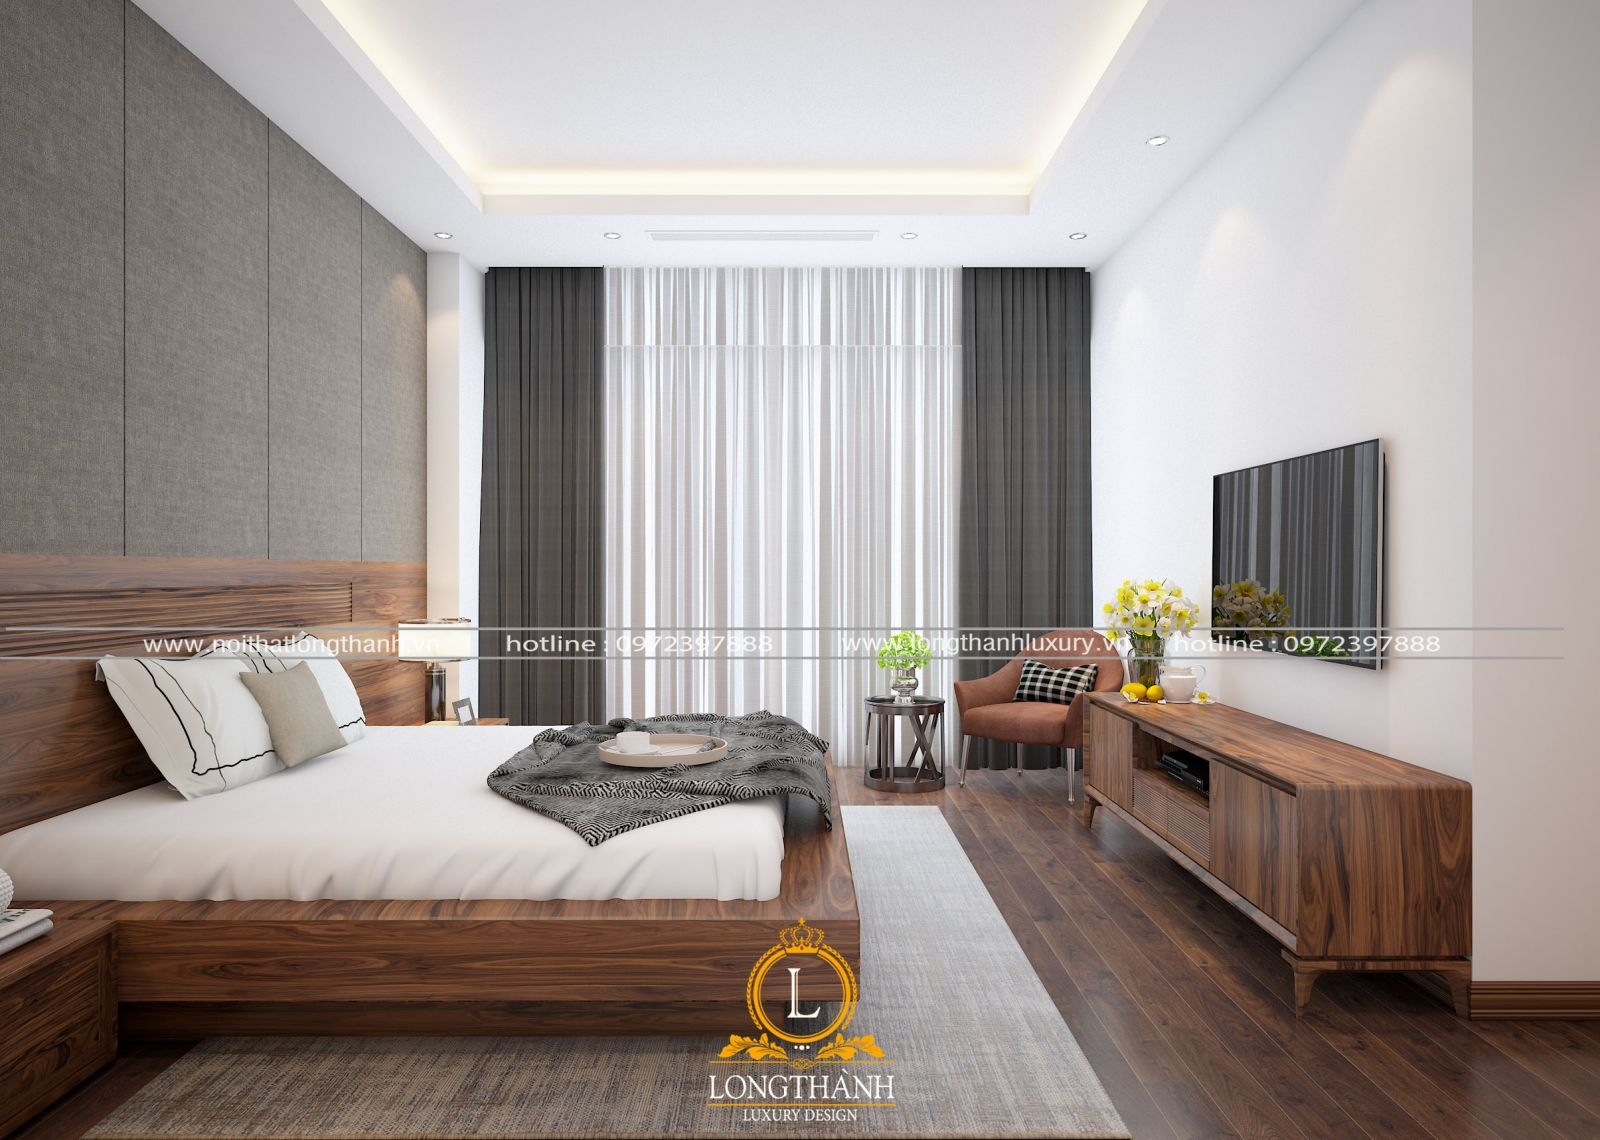 Sử dụng rèm cửa giúp điều chỉnh lượng ánh sáng vào phòng và tăng thêm vẻ đẹp cho không gian